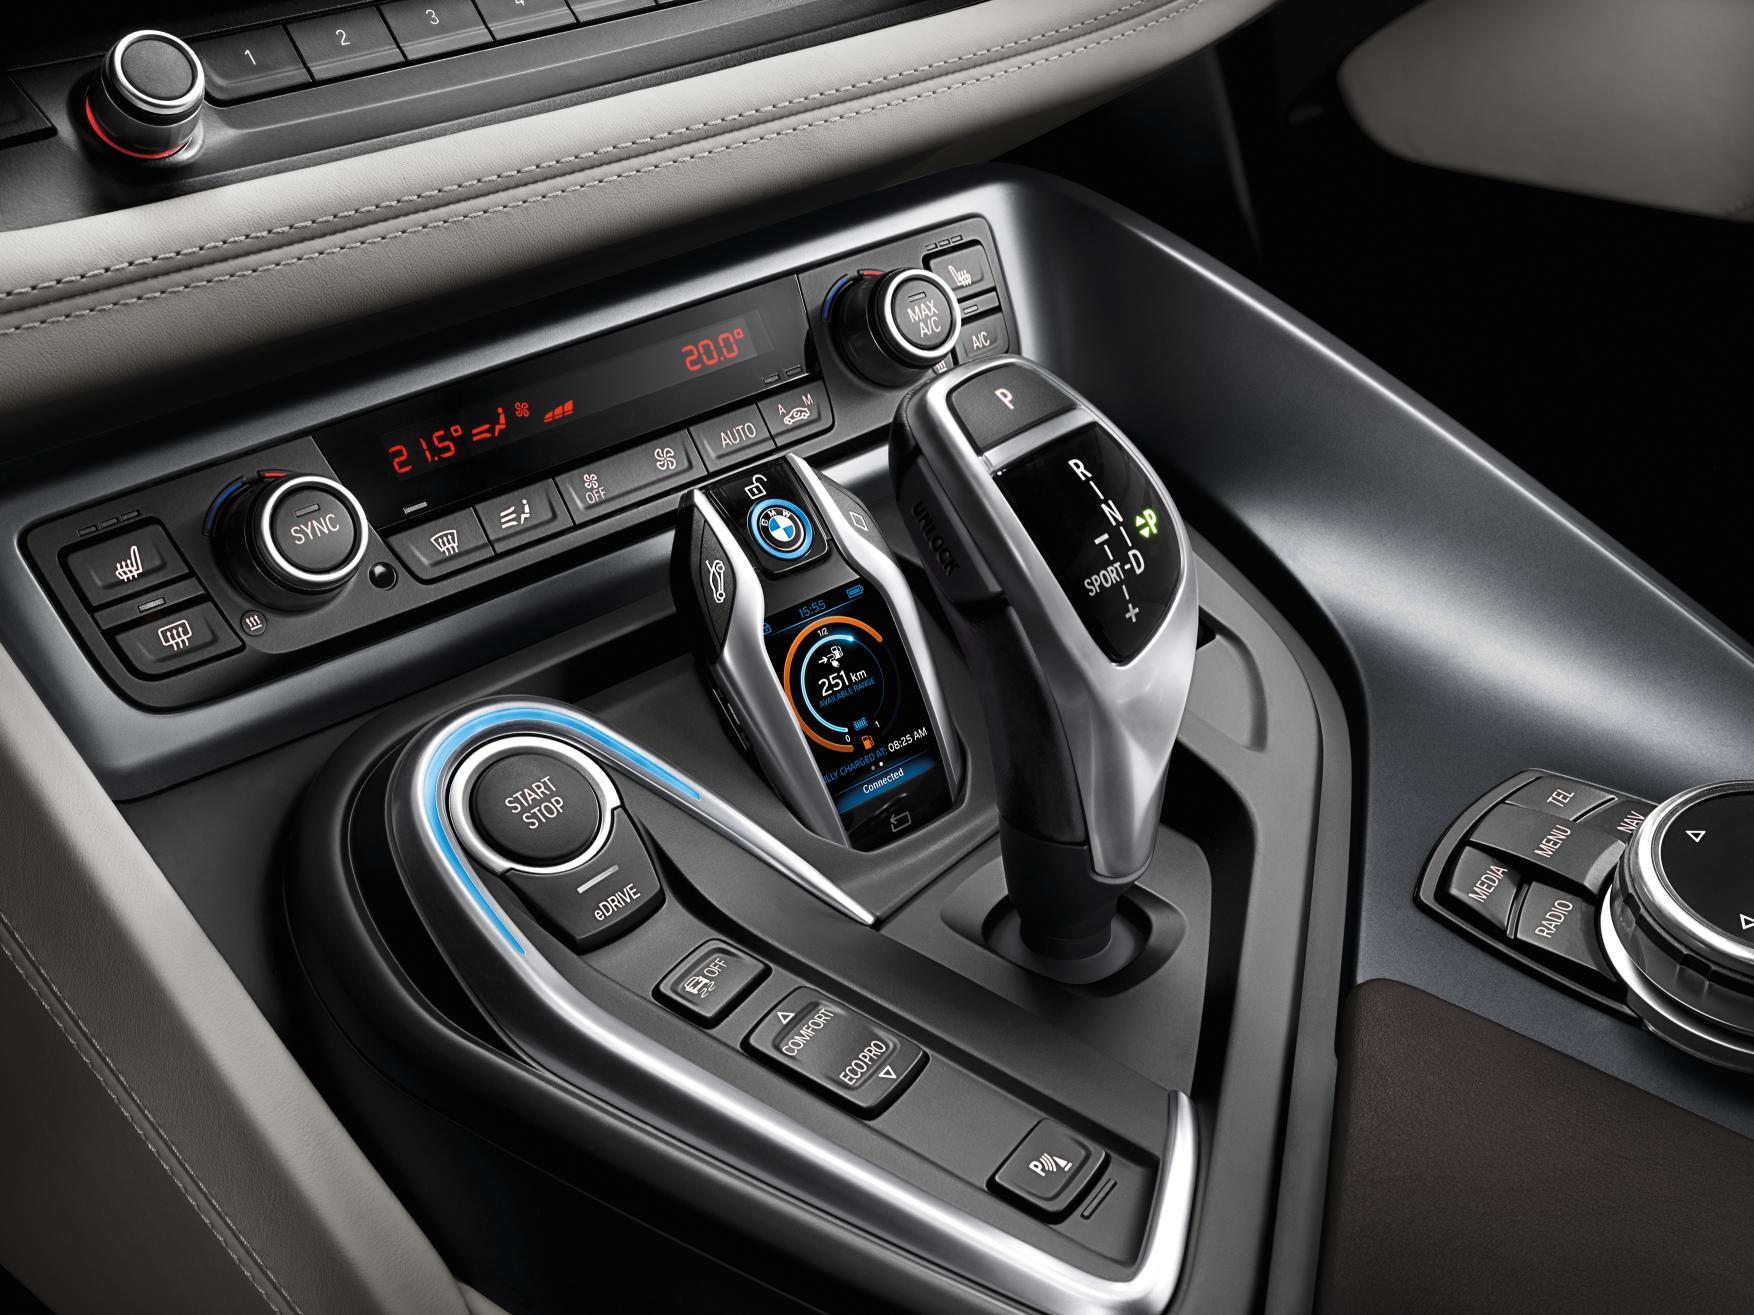 2015 bmw i8 interior. 2015 bmw i8 interior bmw